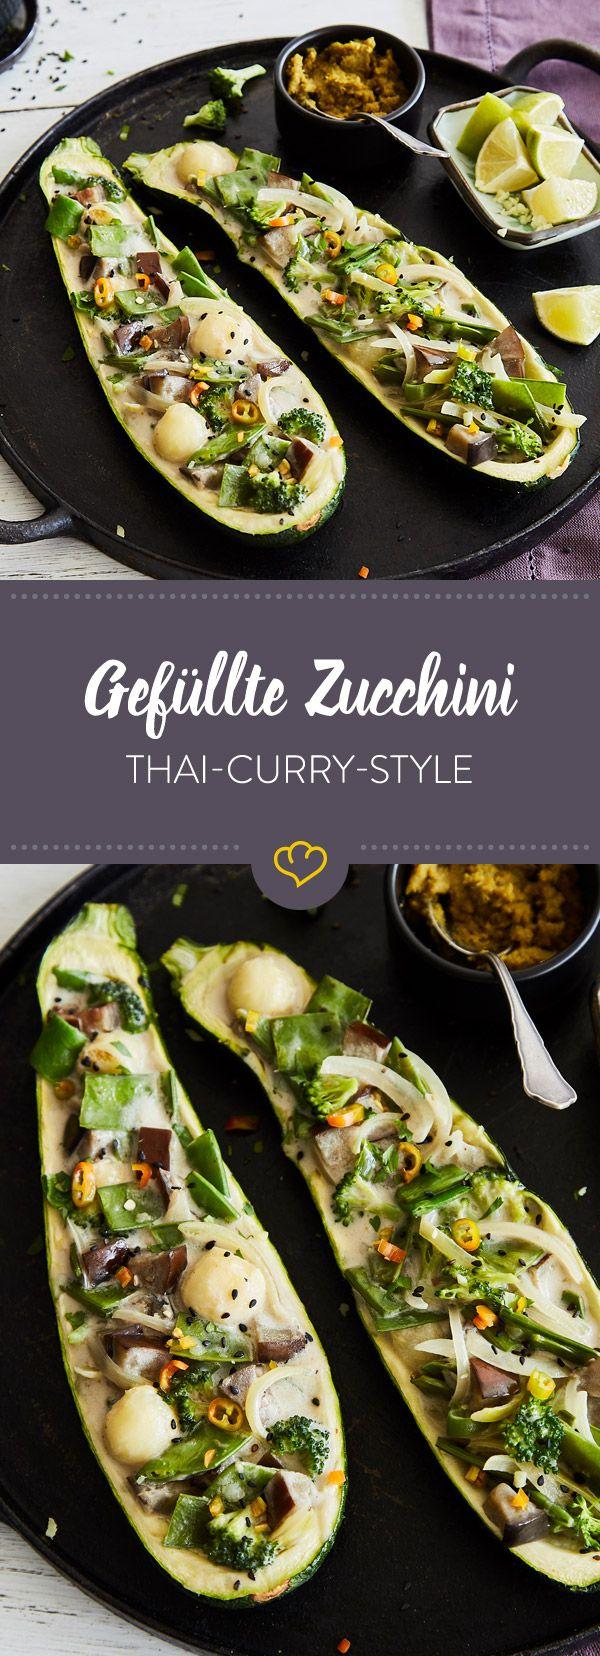 Das Gericht ist eine Abwandlung der traditionellen grünen Thai-Currys, das mit viel Gemüse in einer Zucchini aus dem Backofen serviert wird.